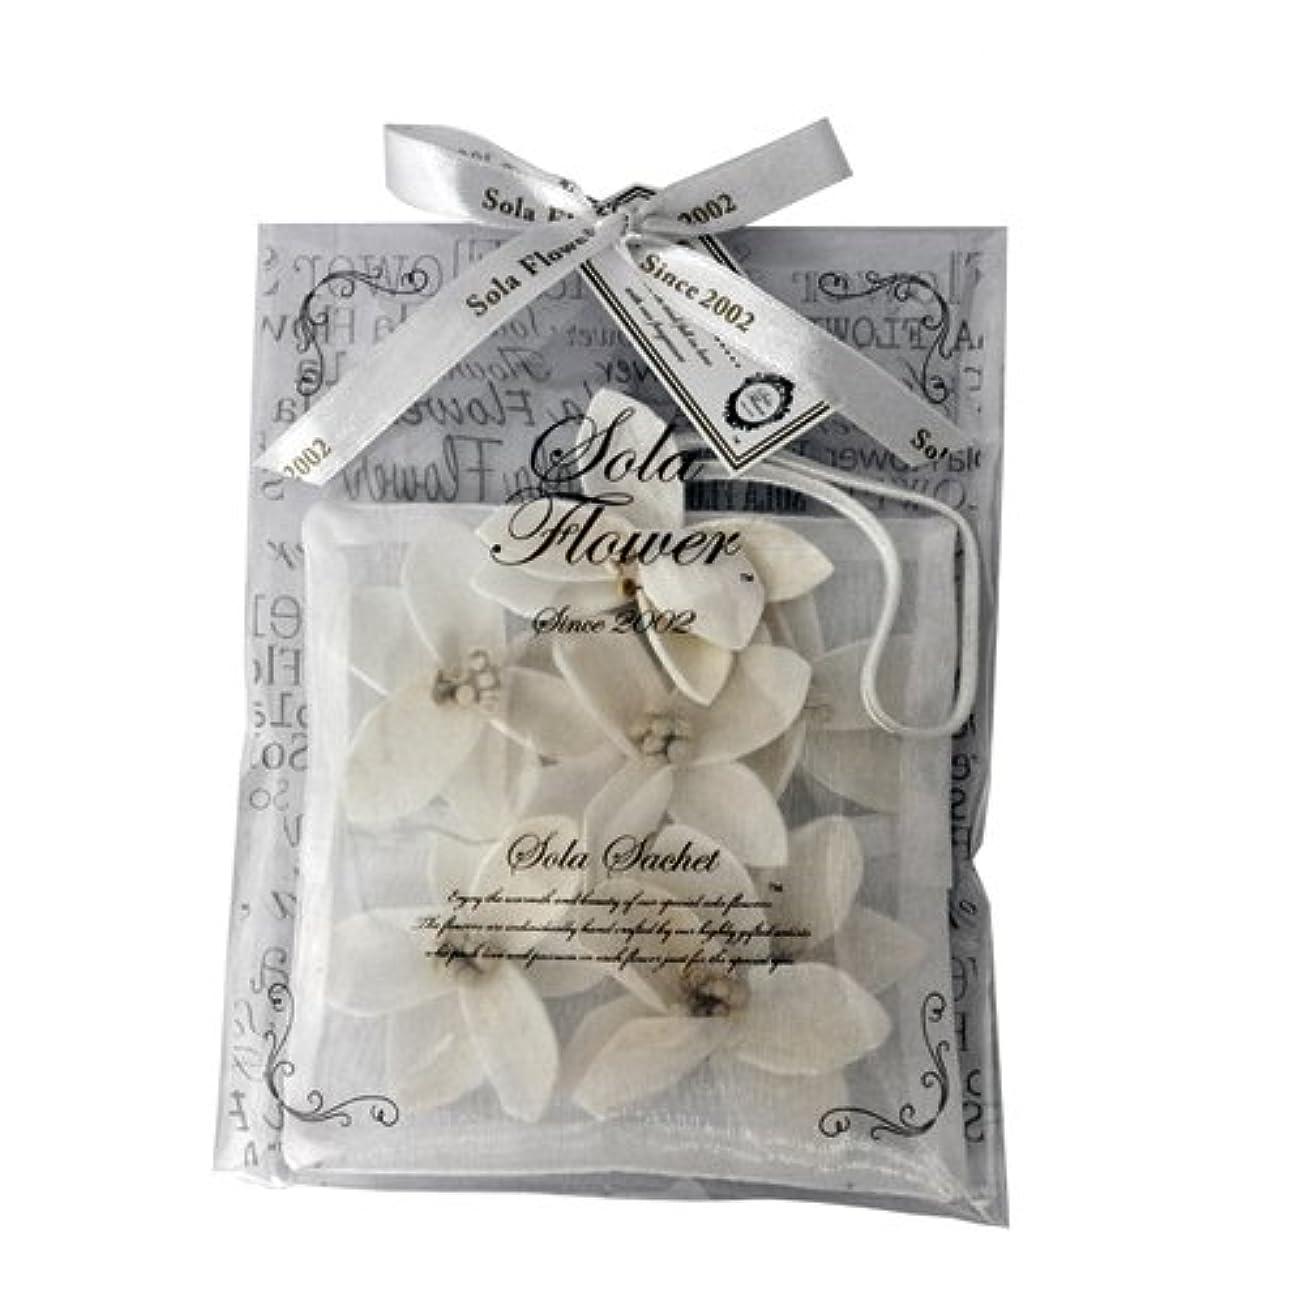 昼寝略すやむを得ないnew Sola Flower ソラフラワー サシェ Original Rose オリジナルローズ オーガンジーパッケージ Sachet